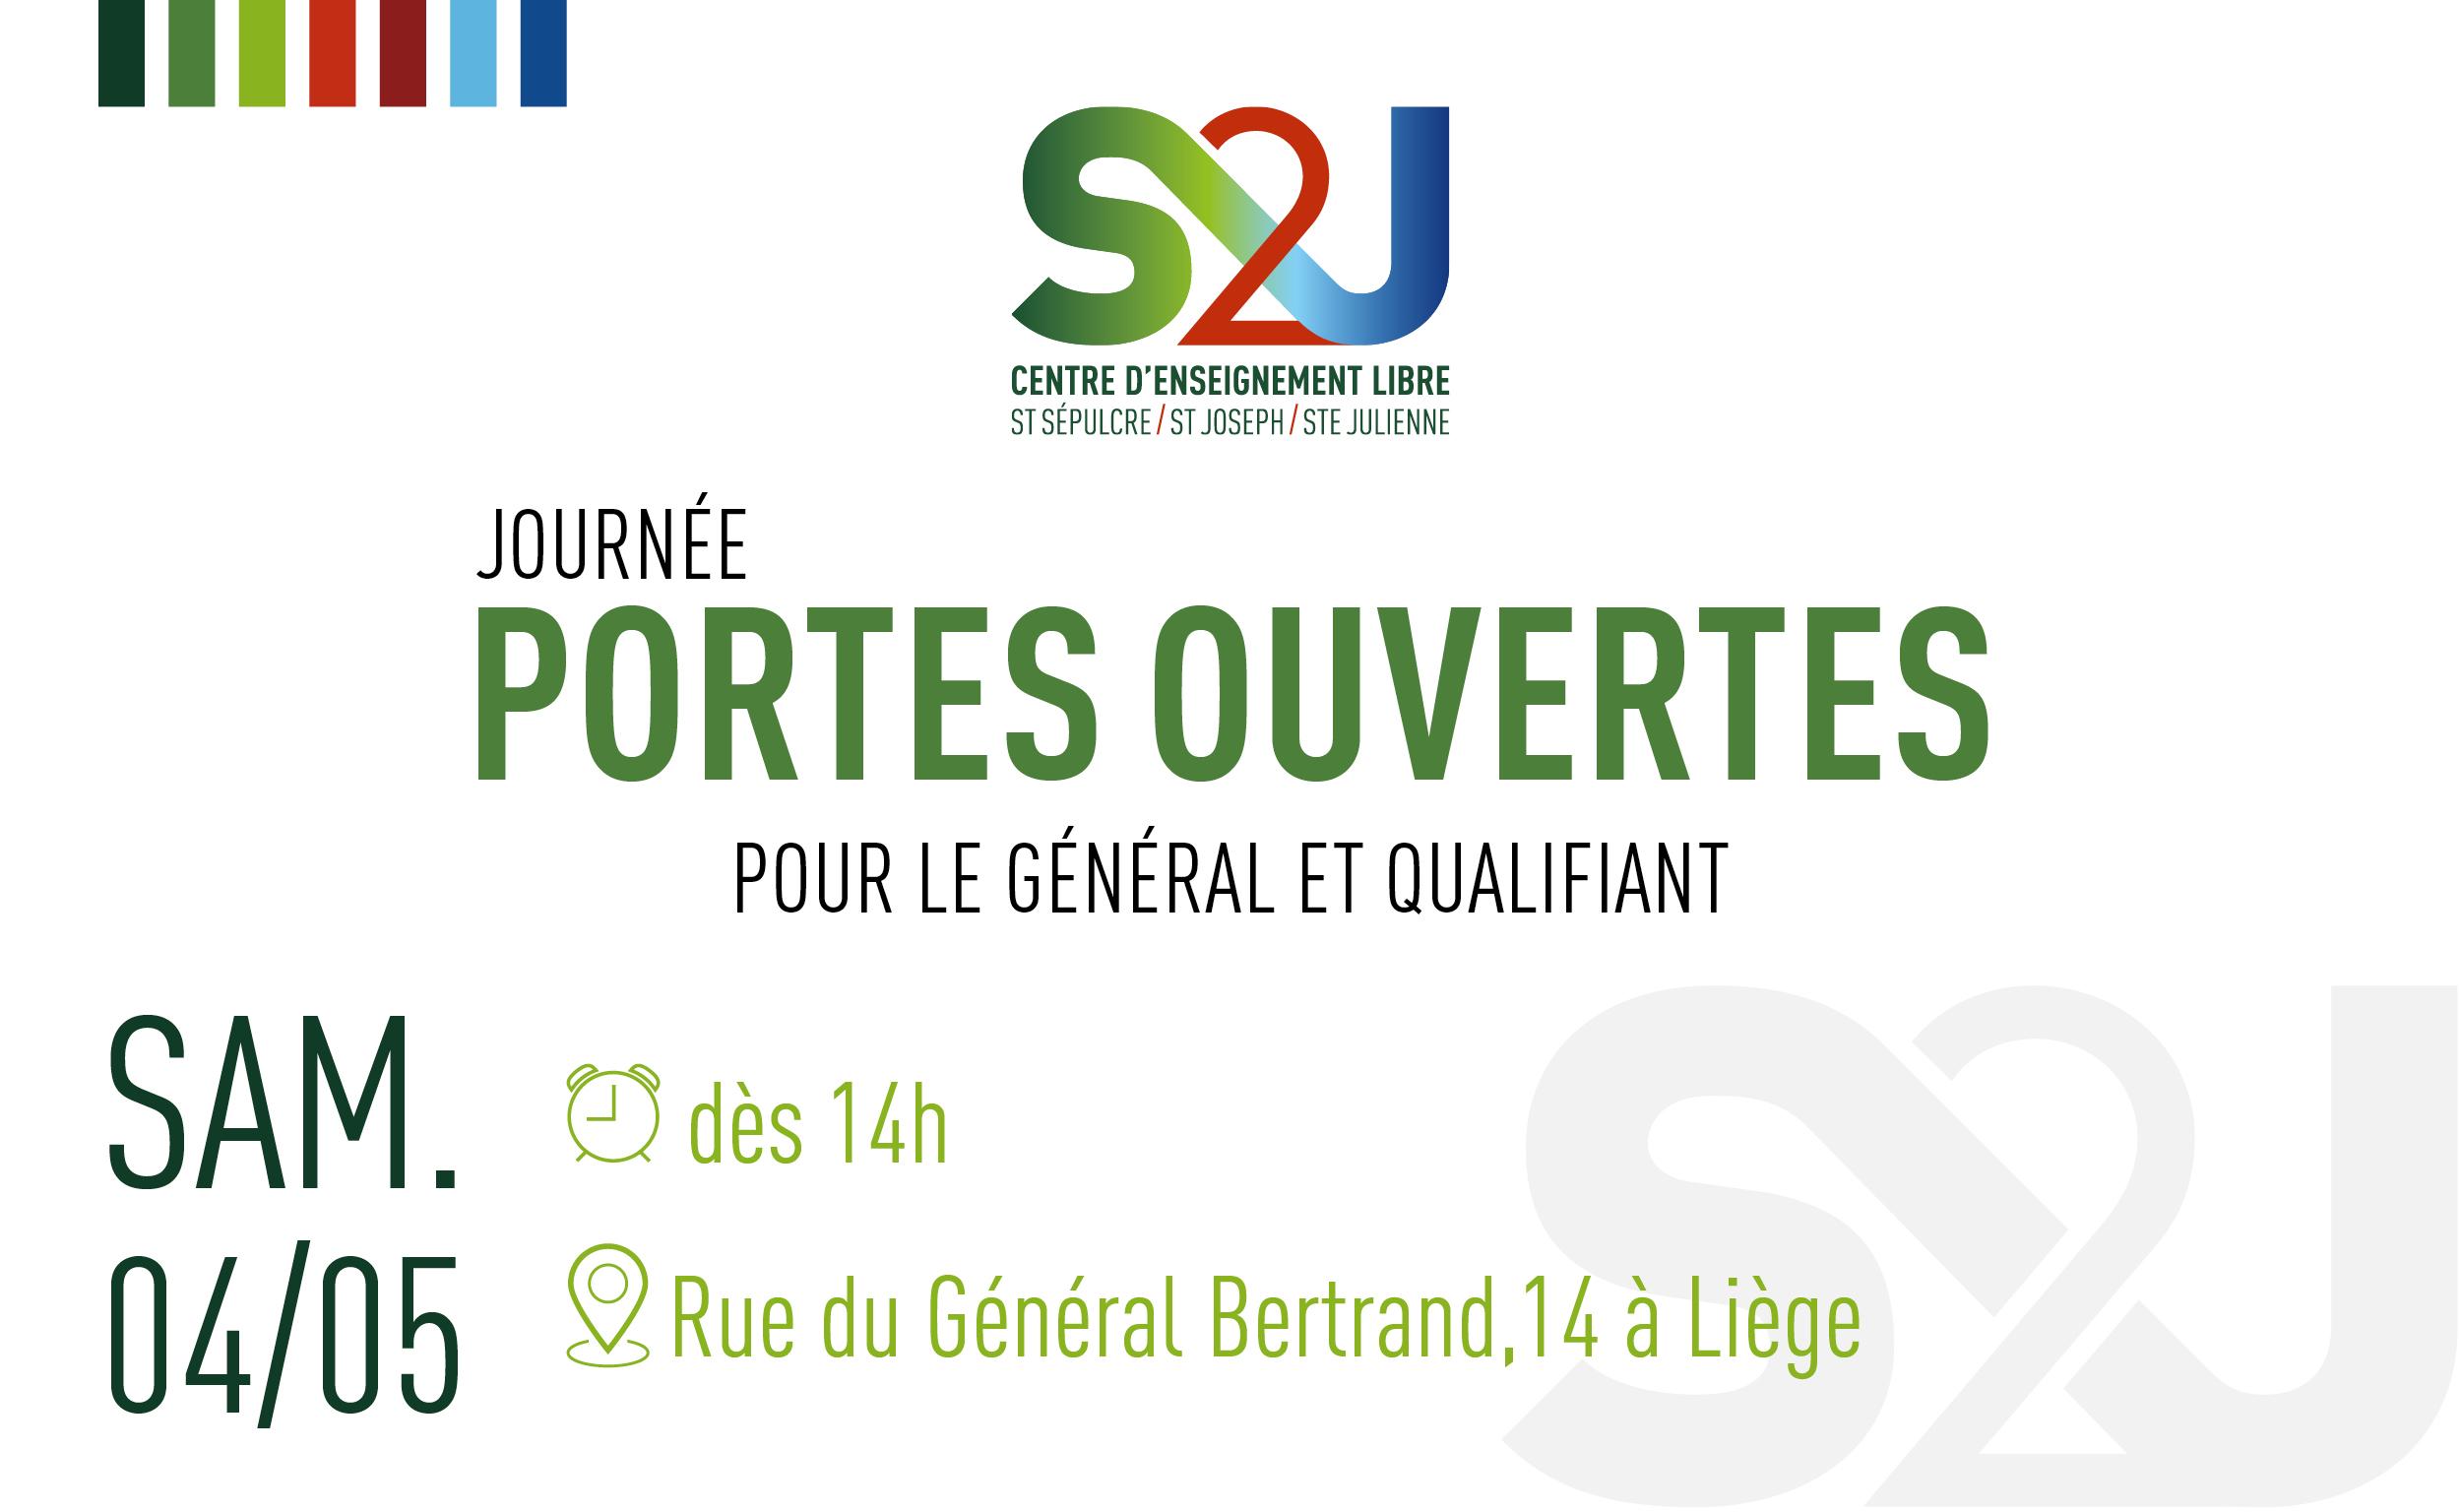 S2J, Centre d'enseignement libre Saint Sépulcre / Saint Joseph / Sainte Julienne : Journée Portes Ouvertes pour le général et qualifiant : Samedi 05 mai - Dés 14h - Rue du Général Bertrand 14 à Liège